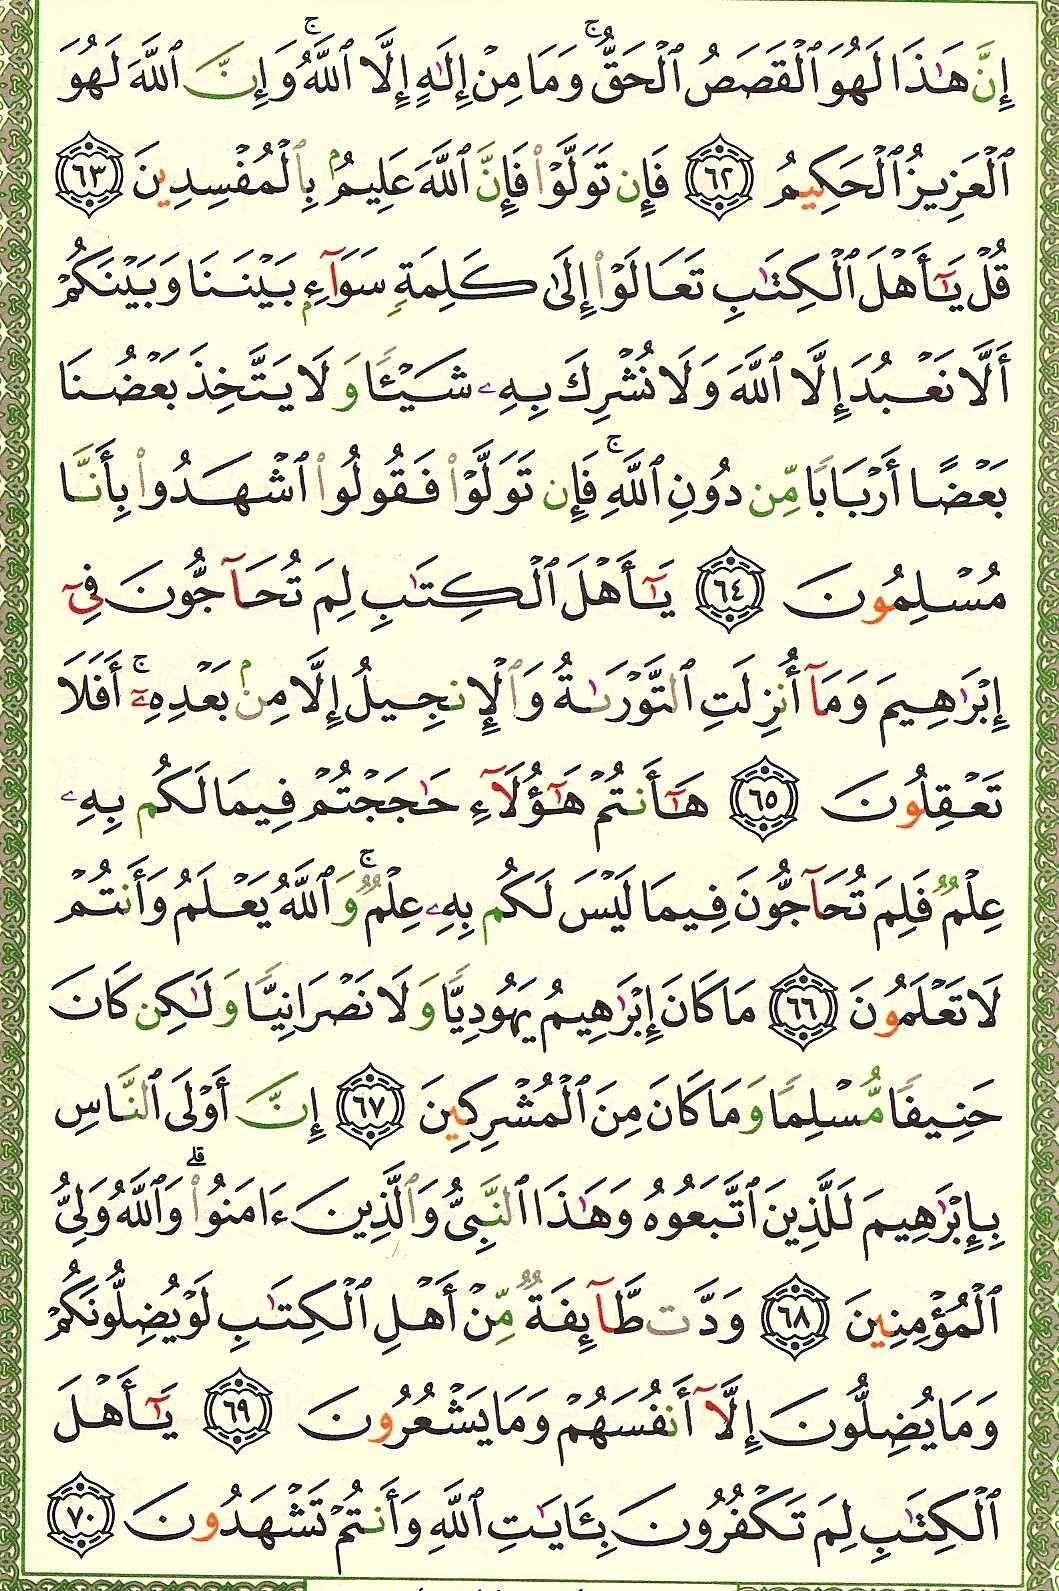 3. سورة آل عمران - Al-Imran مصورة من المصحف الشريف 058